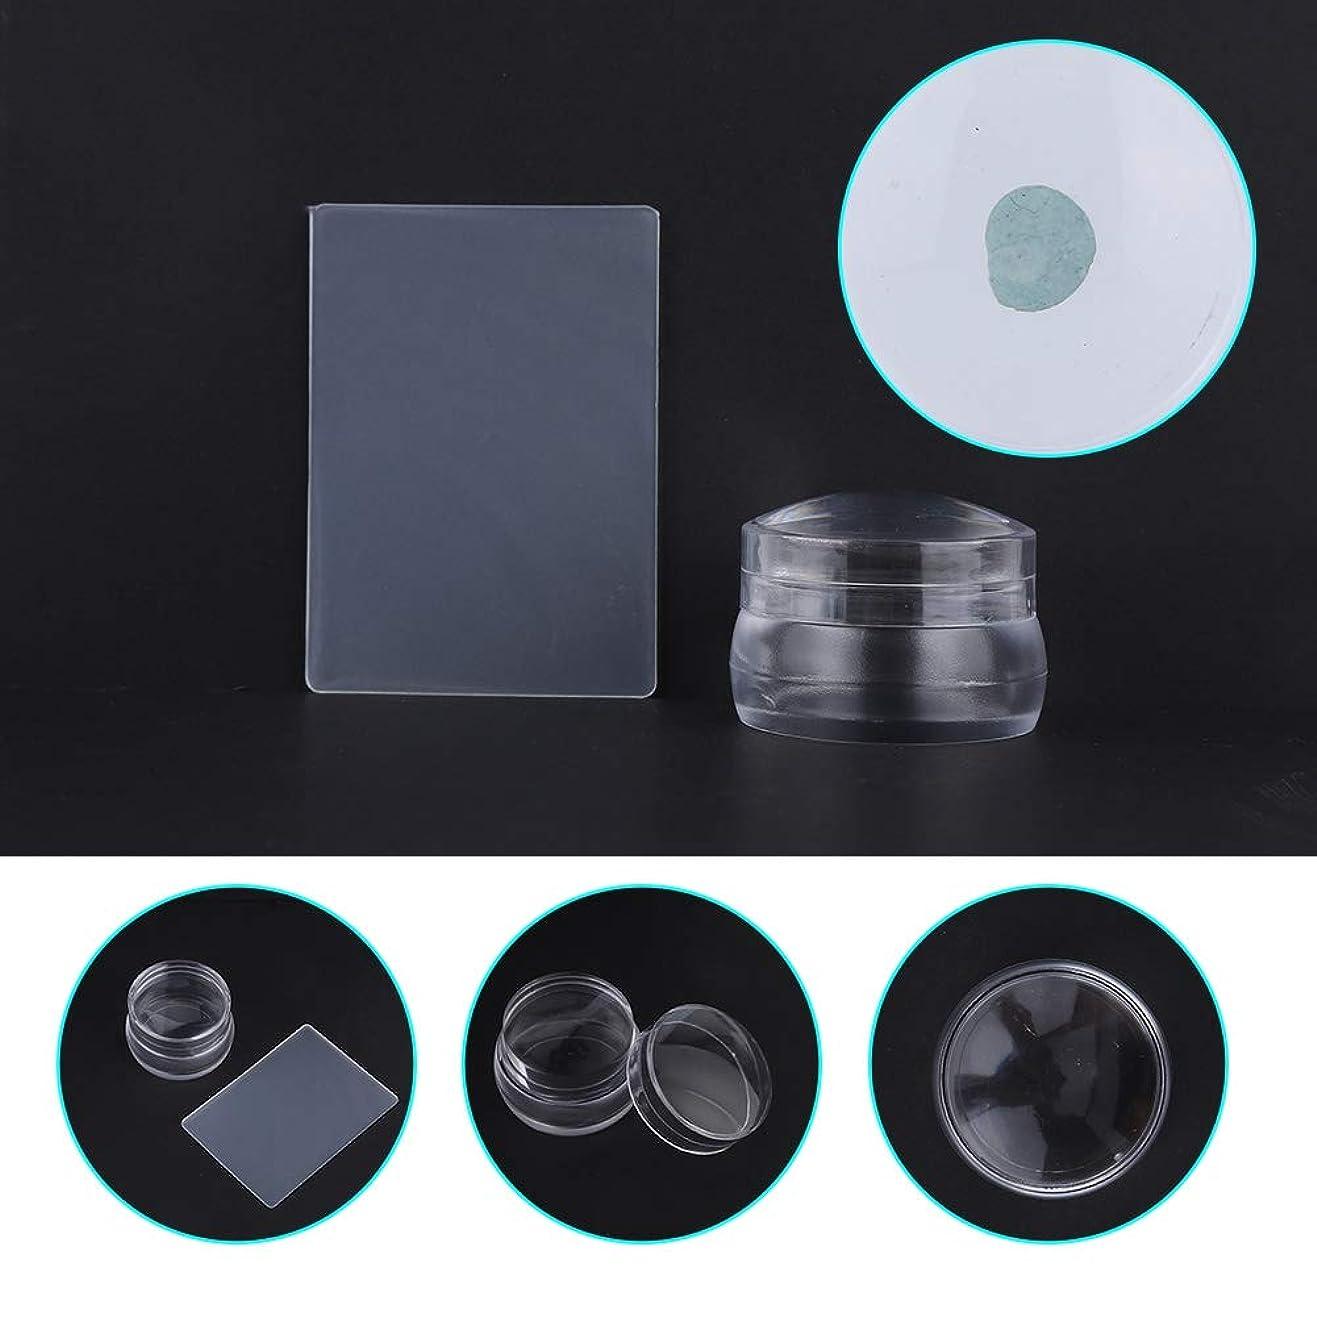 バルーン骨折ブラストふたのスクレーパーマニキュアの釘の印刷用具が付いている透明なシリコーンの釘の芸術のスタンパー